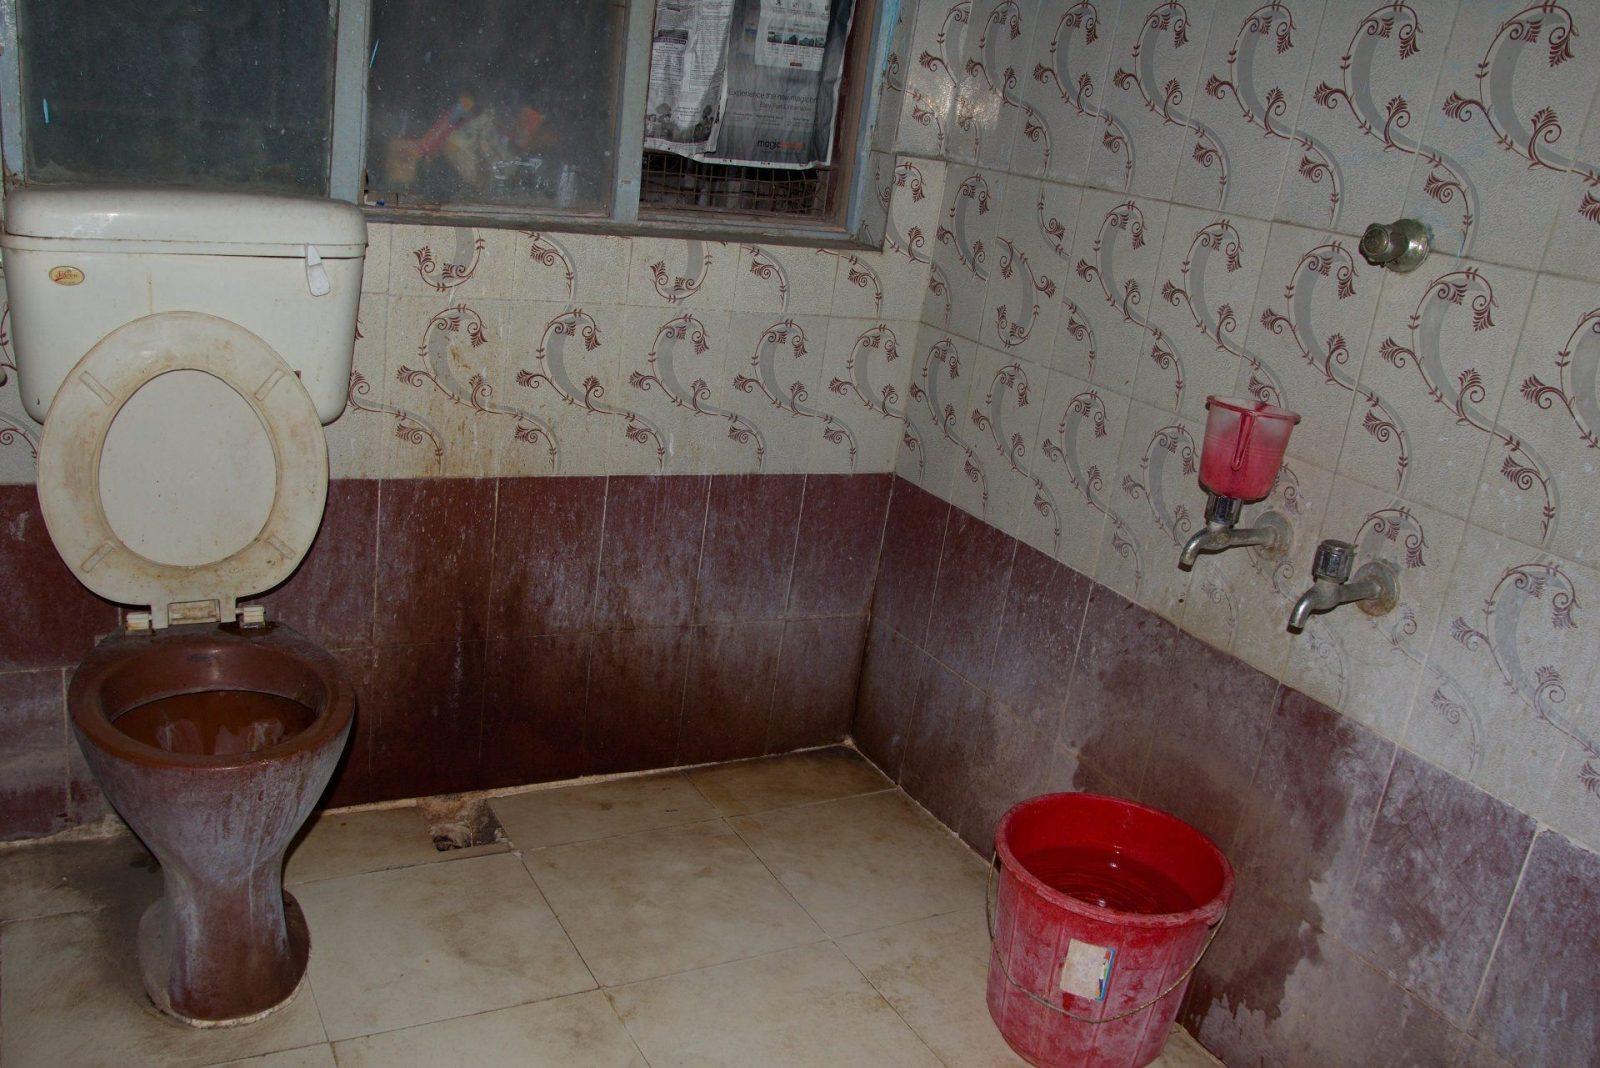 Asi nejhorší naše koupelna, příliš jsme jí nepoužívali